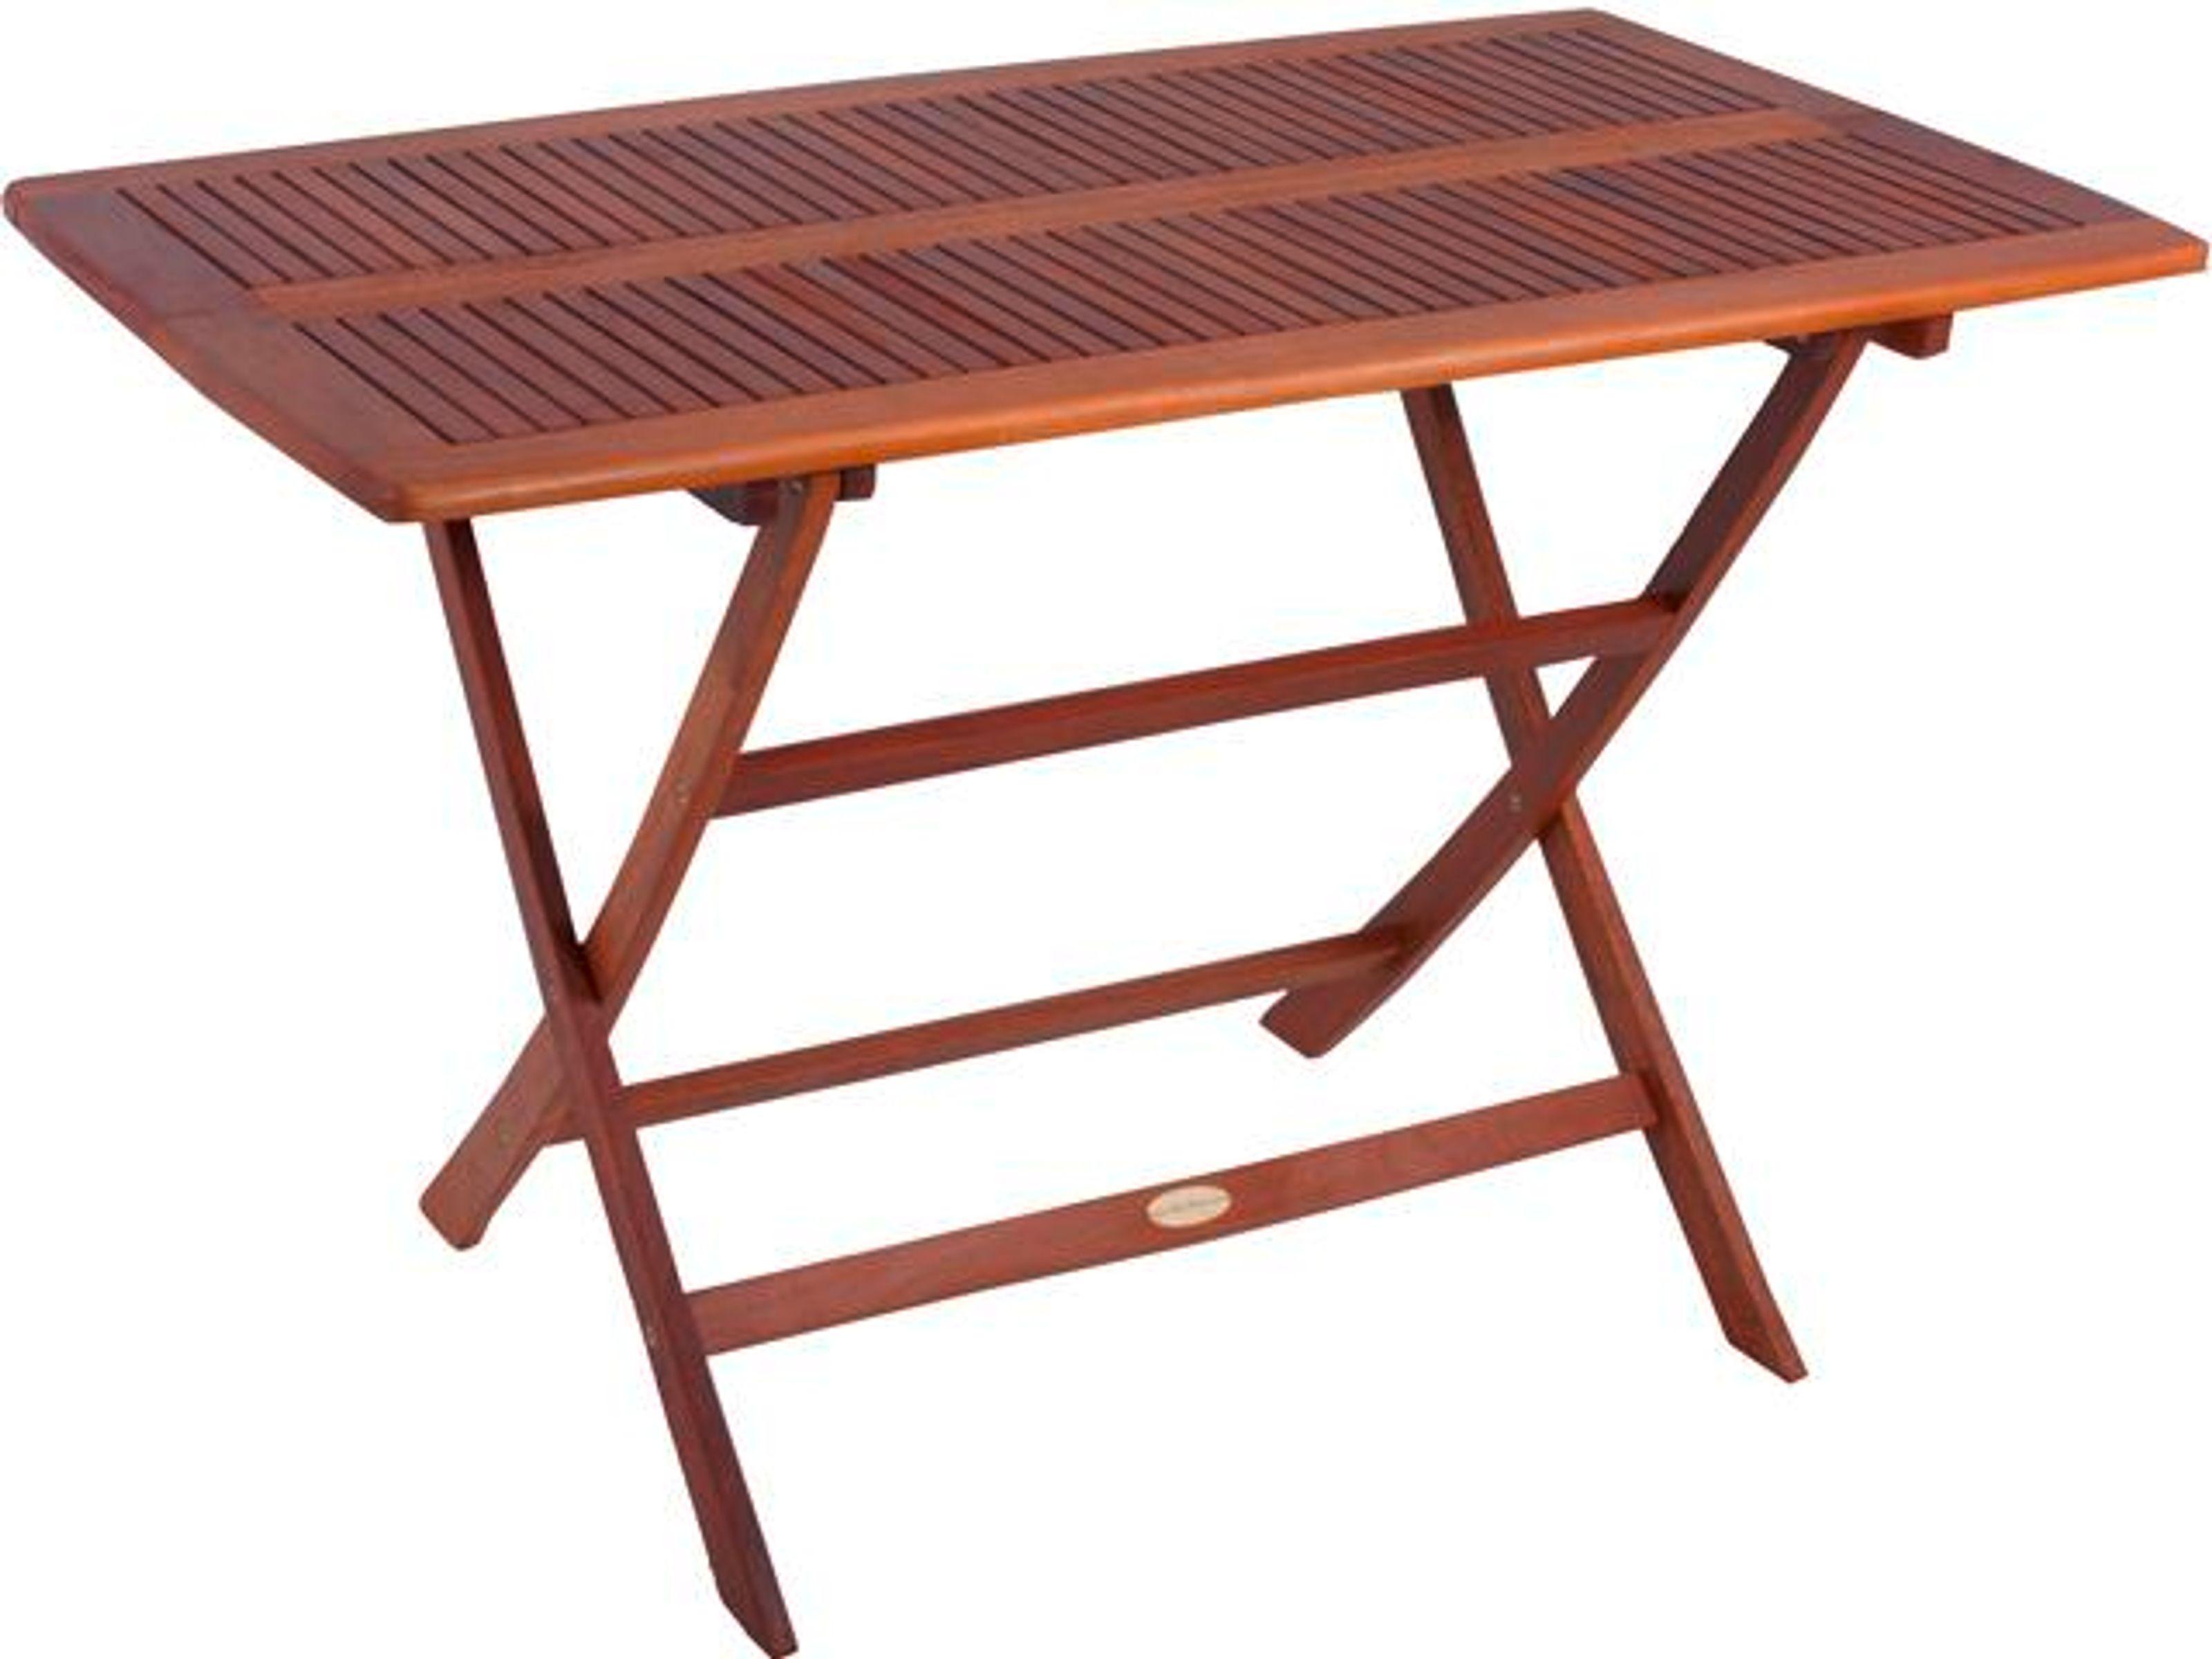 Klapptisch Gartentisch.Klapptisch Gartentisch Esstisch Holztisch Tisch Garten Holz 120 X 70 Cm